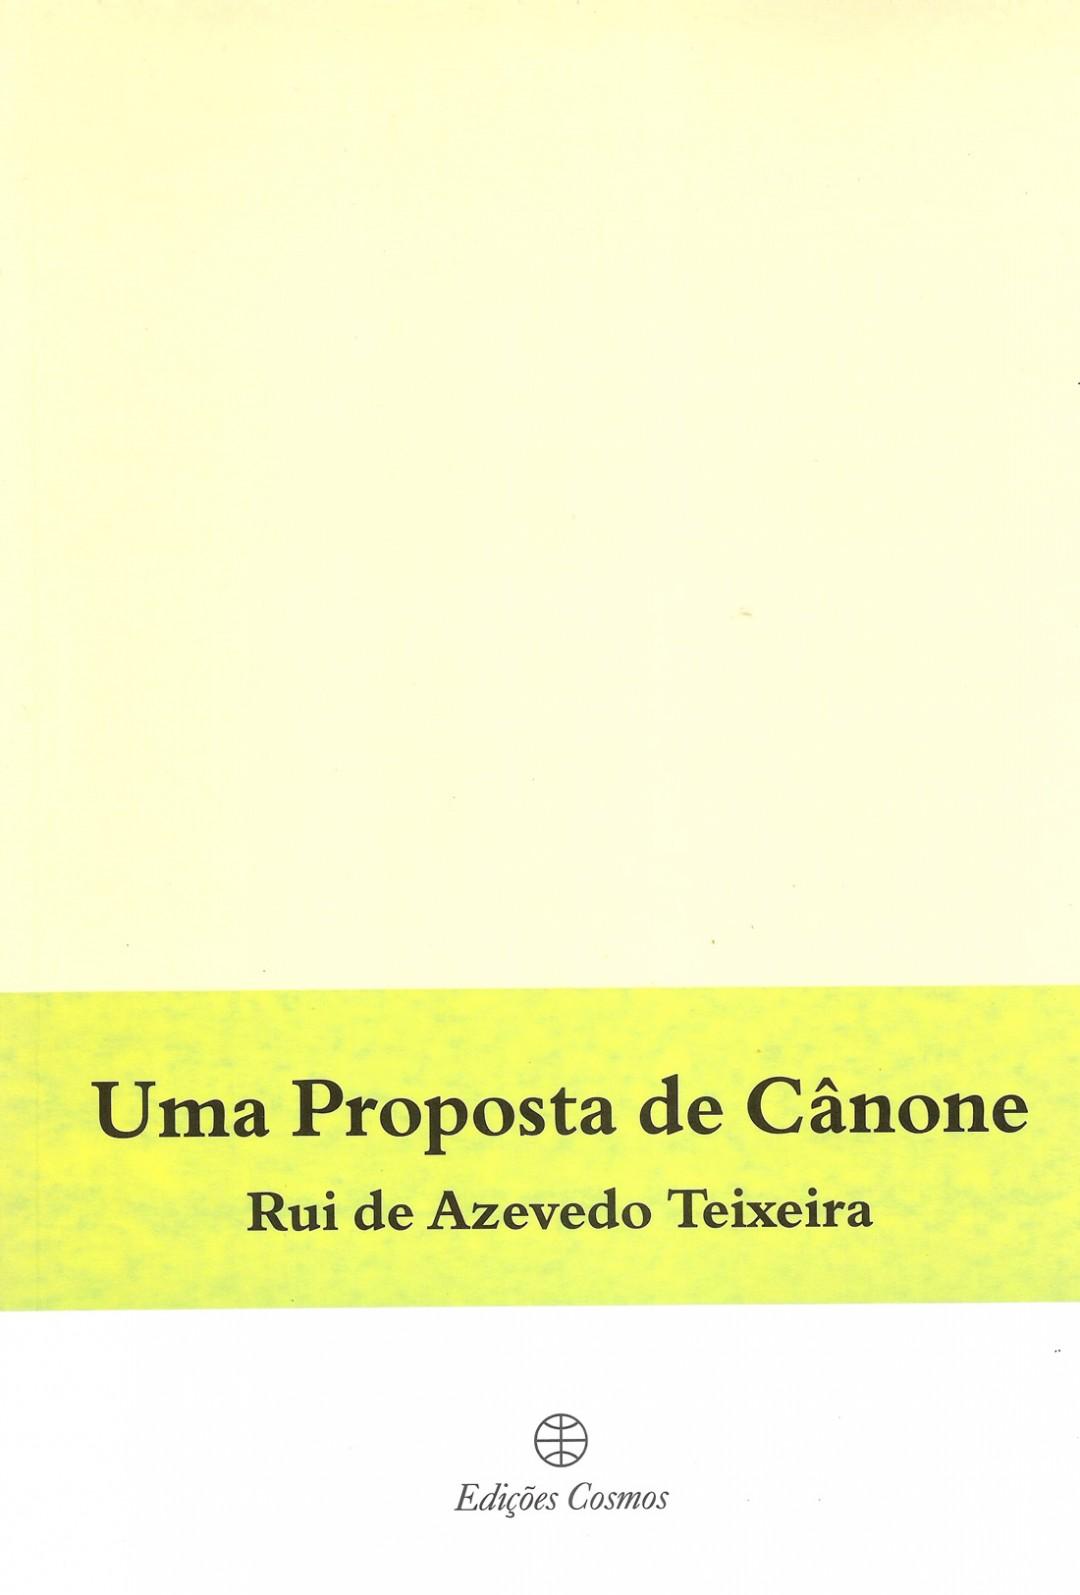 5. Uma Proposta de Cânone